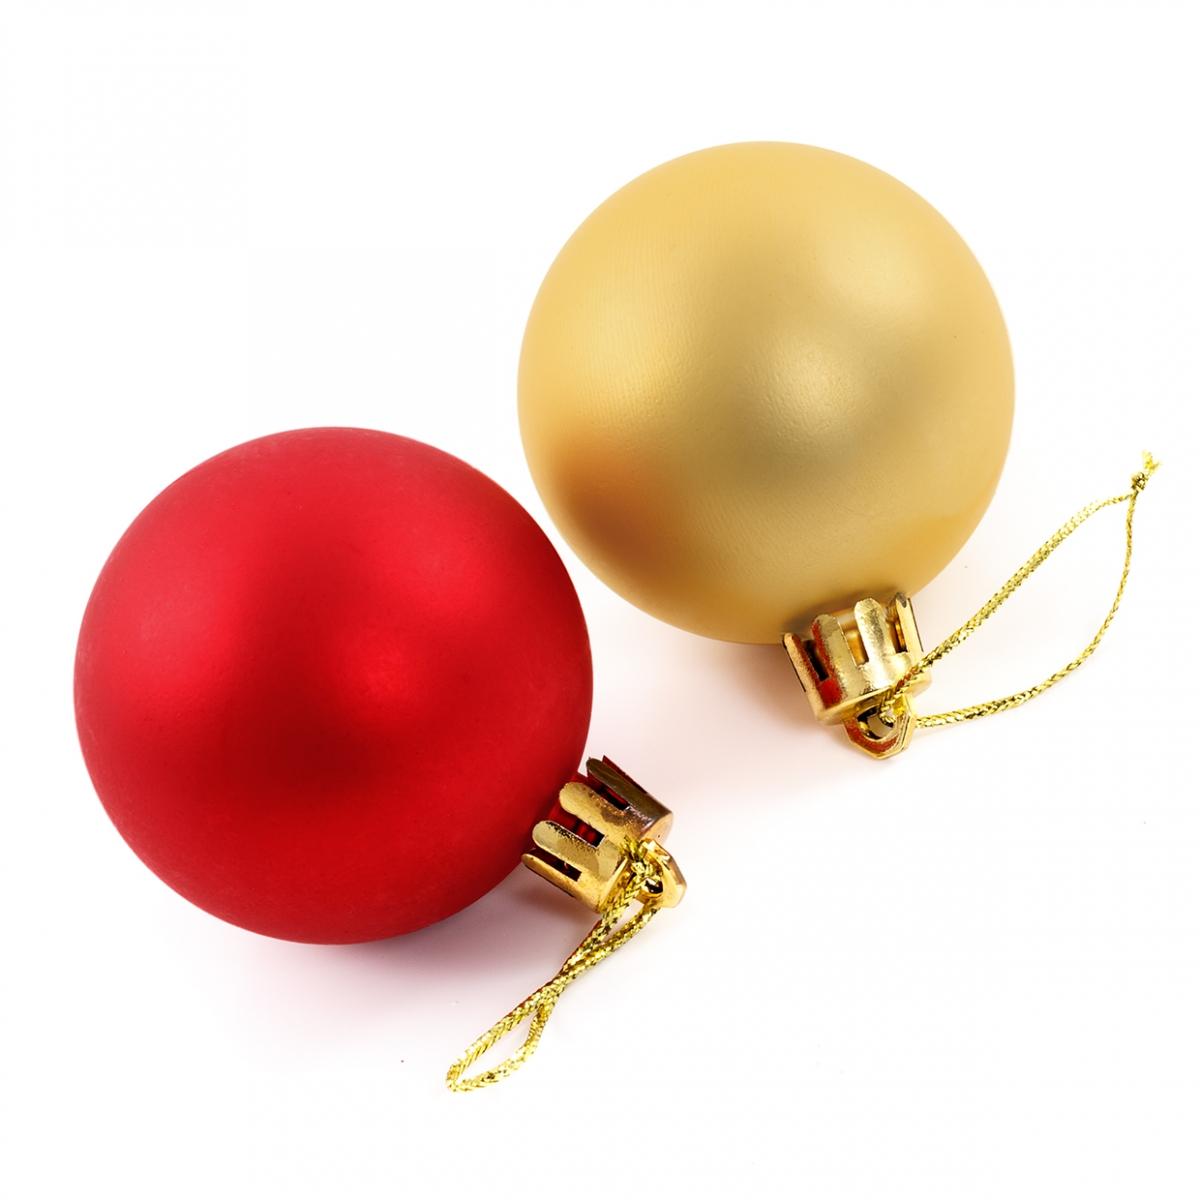 Imagen en la que se ven dos bolas del árbol de Navidad